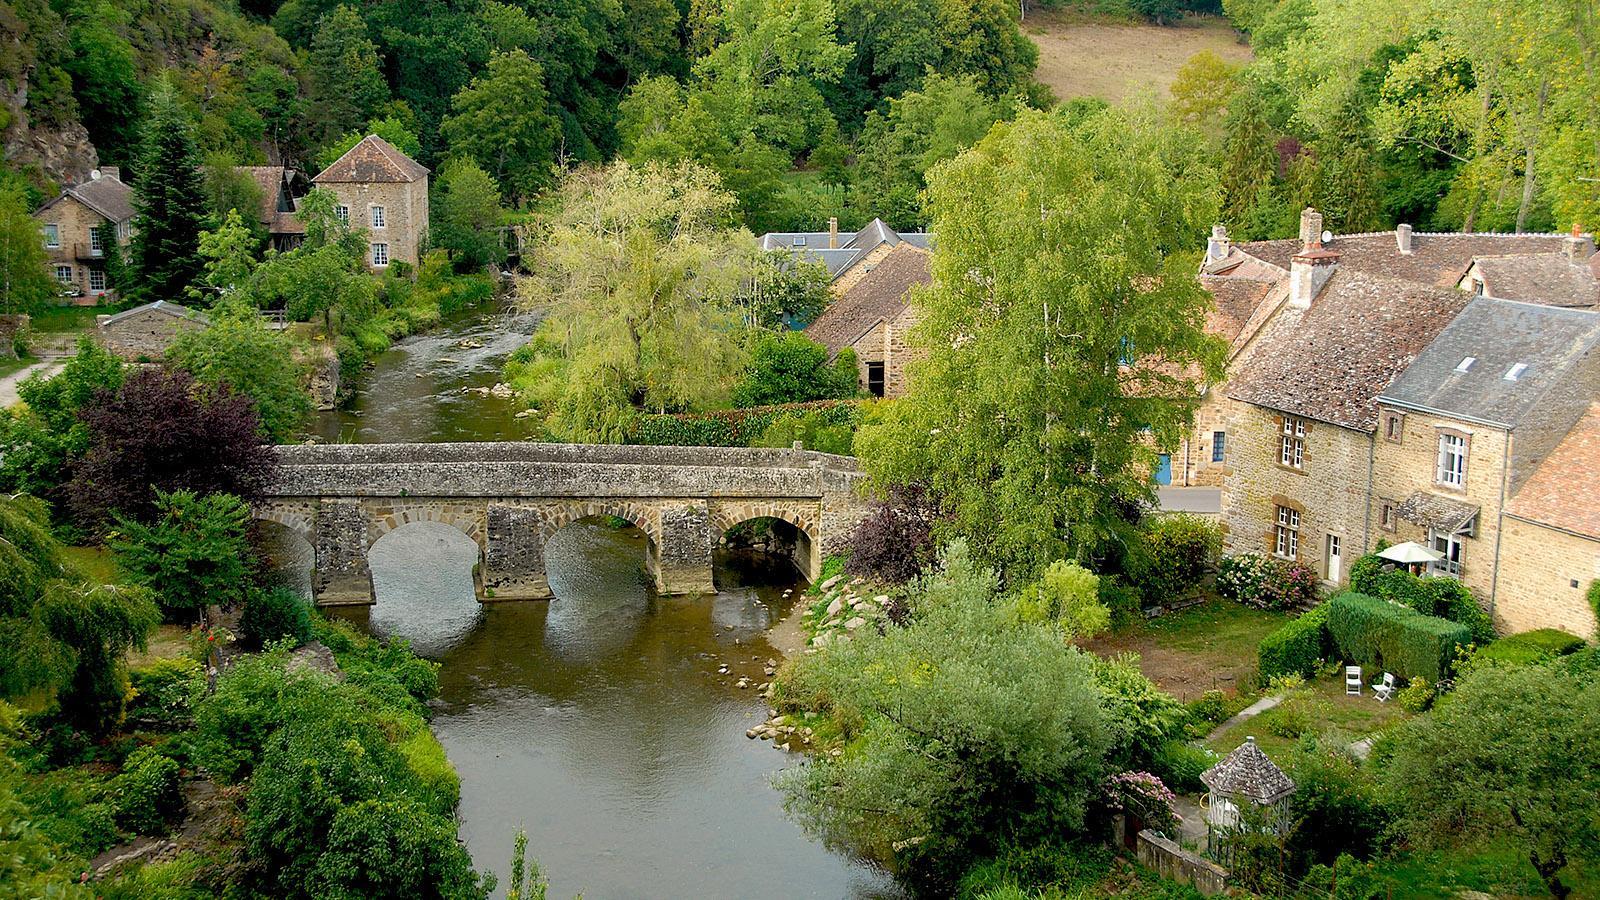 Blick auf Saint-Céneri-le-Gérei mit seiner Brücke über die Sarthe